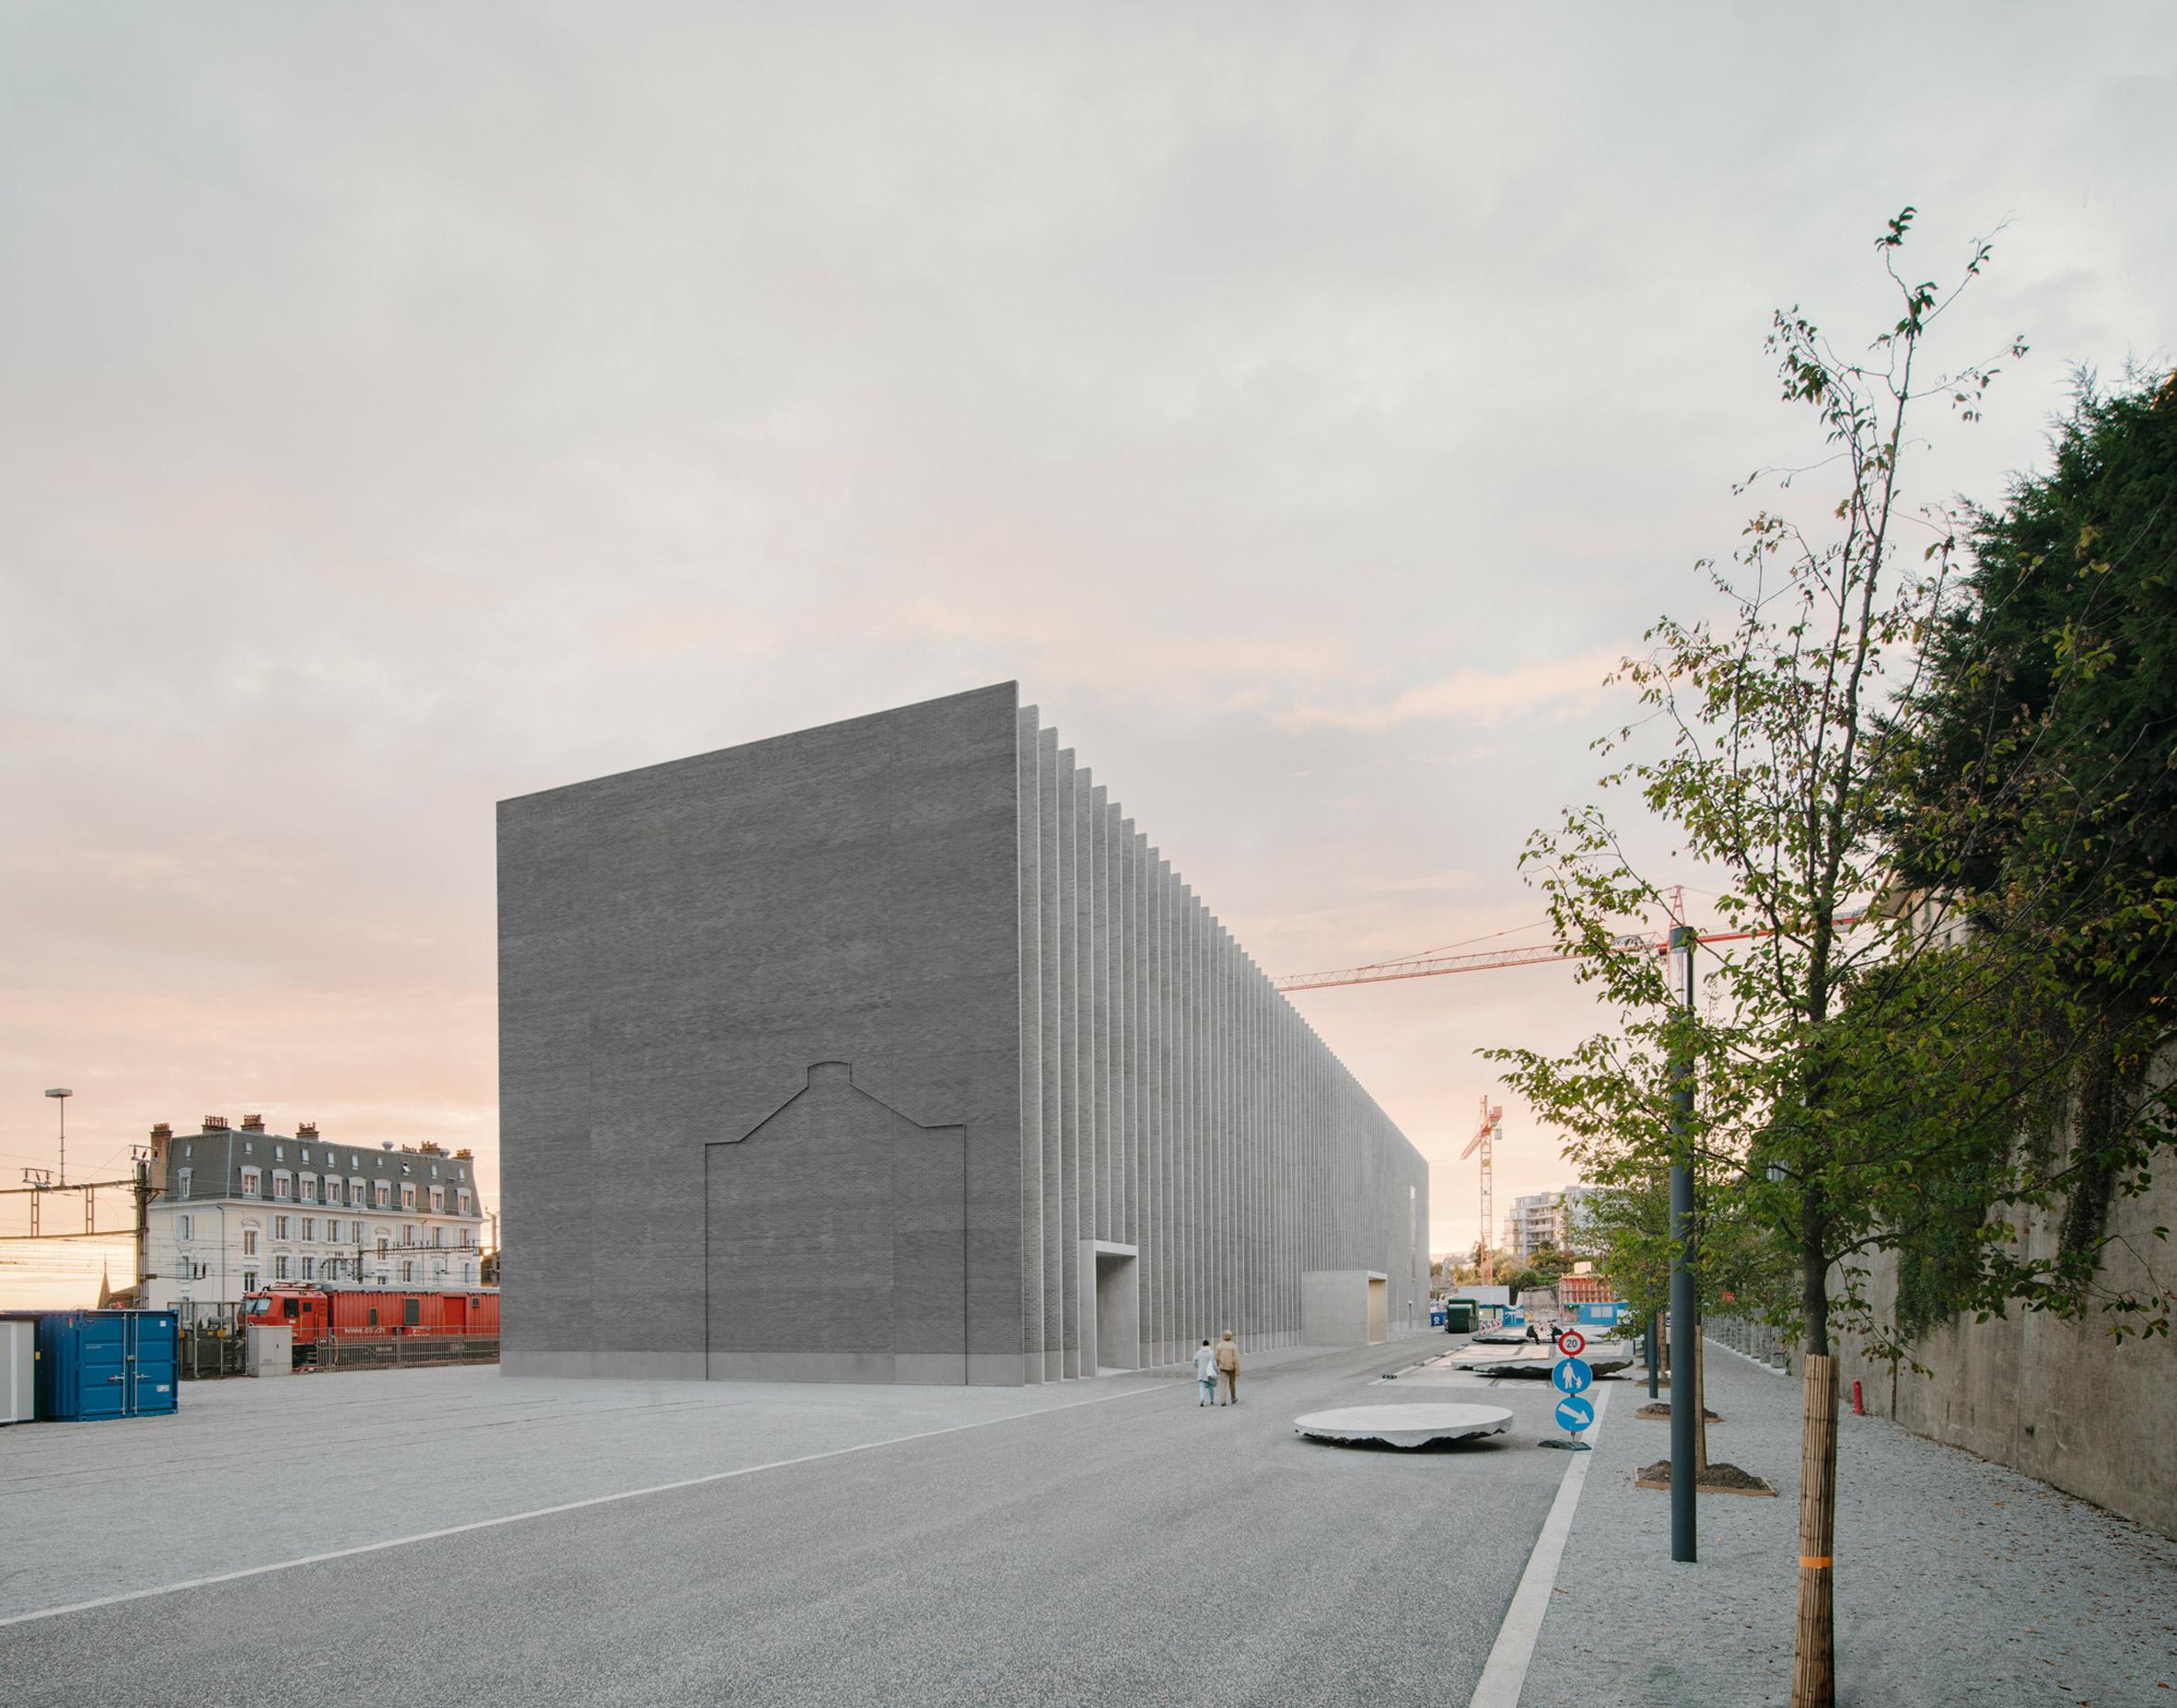 Musée cantonal des Beaux-Arts Lausanne by Barozzi Veiga